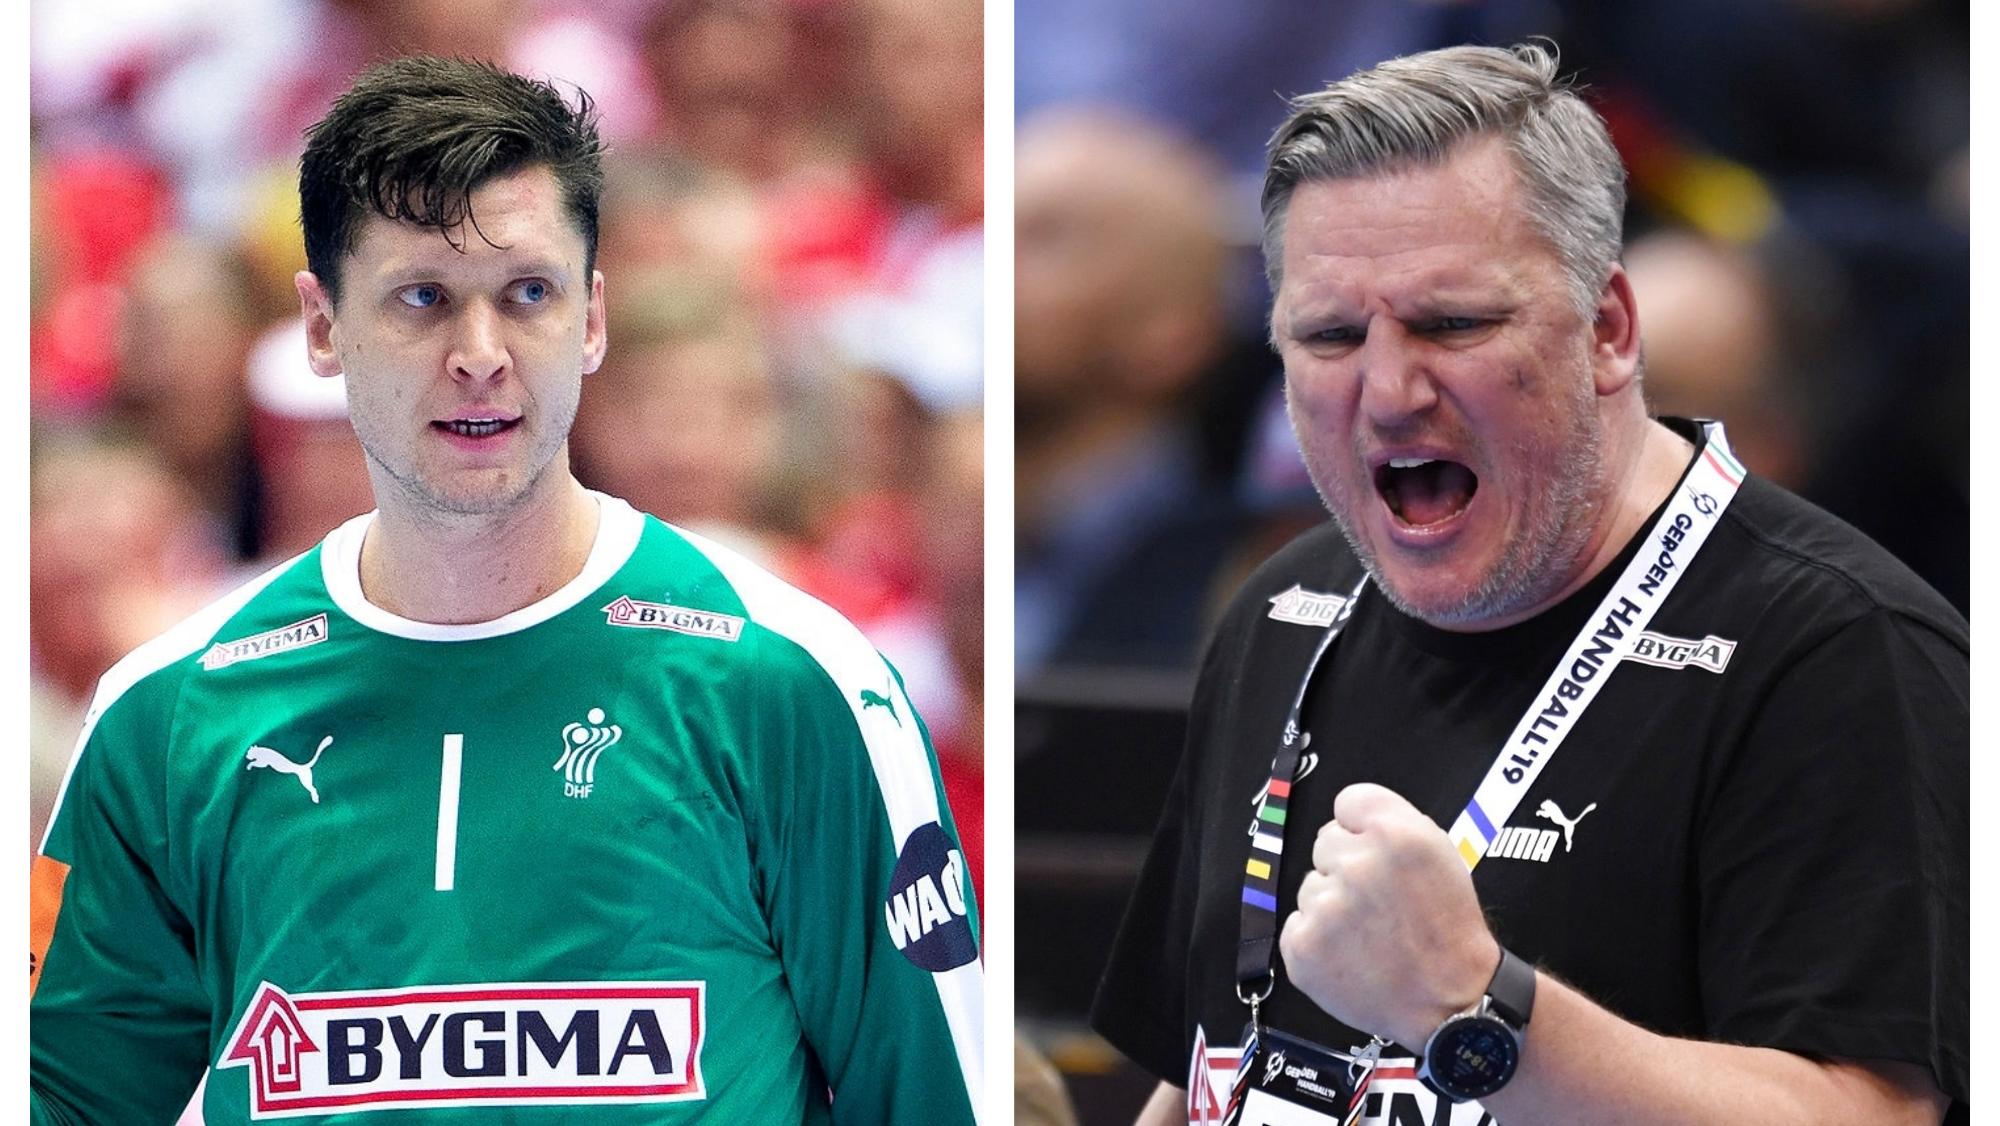 Niklas Landin og Nikolaj Jacobsen er kåret som verdens bedste